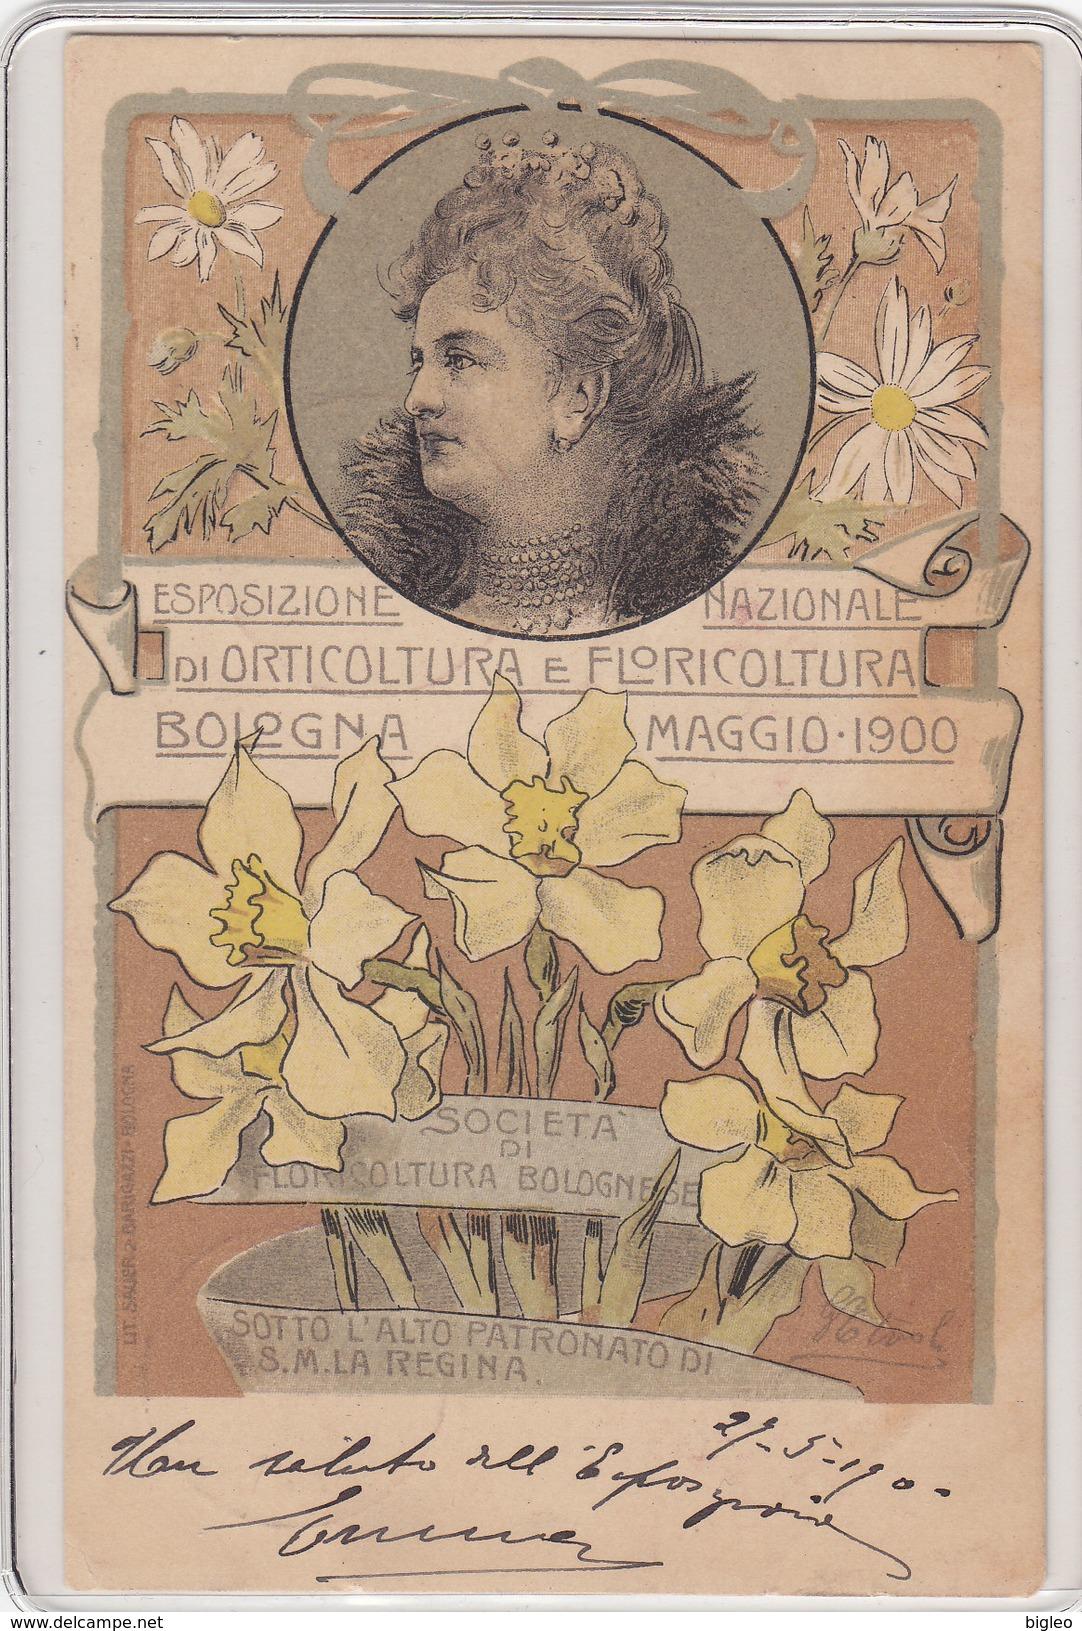 Bologna - Esposizione Di Orticultura E Fioricultura - 1900 - Cartolina Liberty - Timbro In Data      (A28-110125) - Bologna